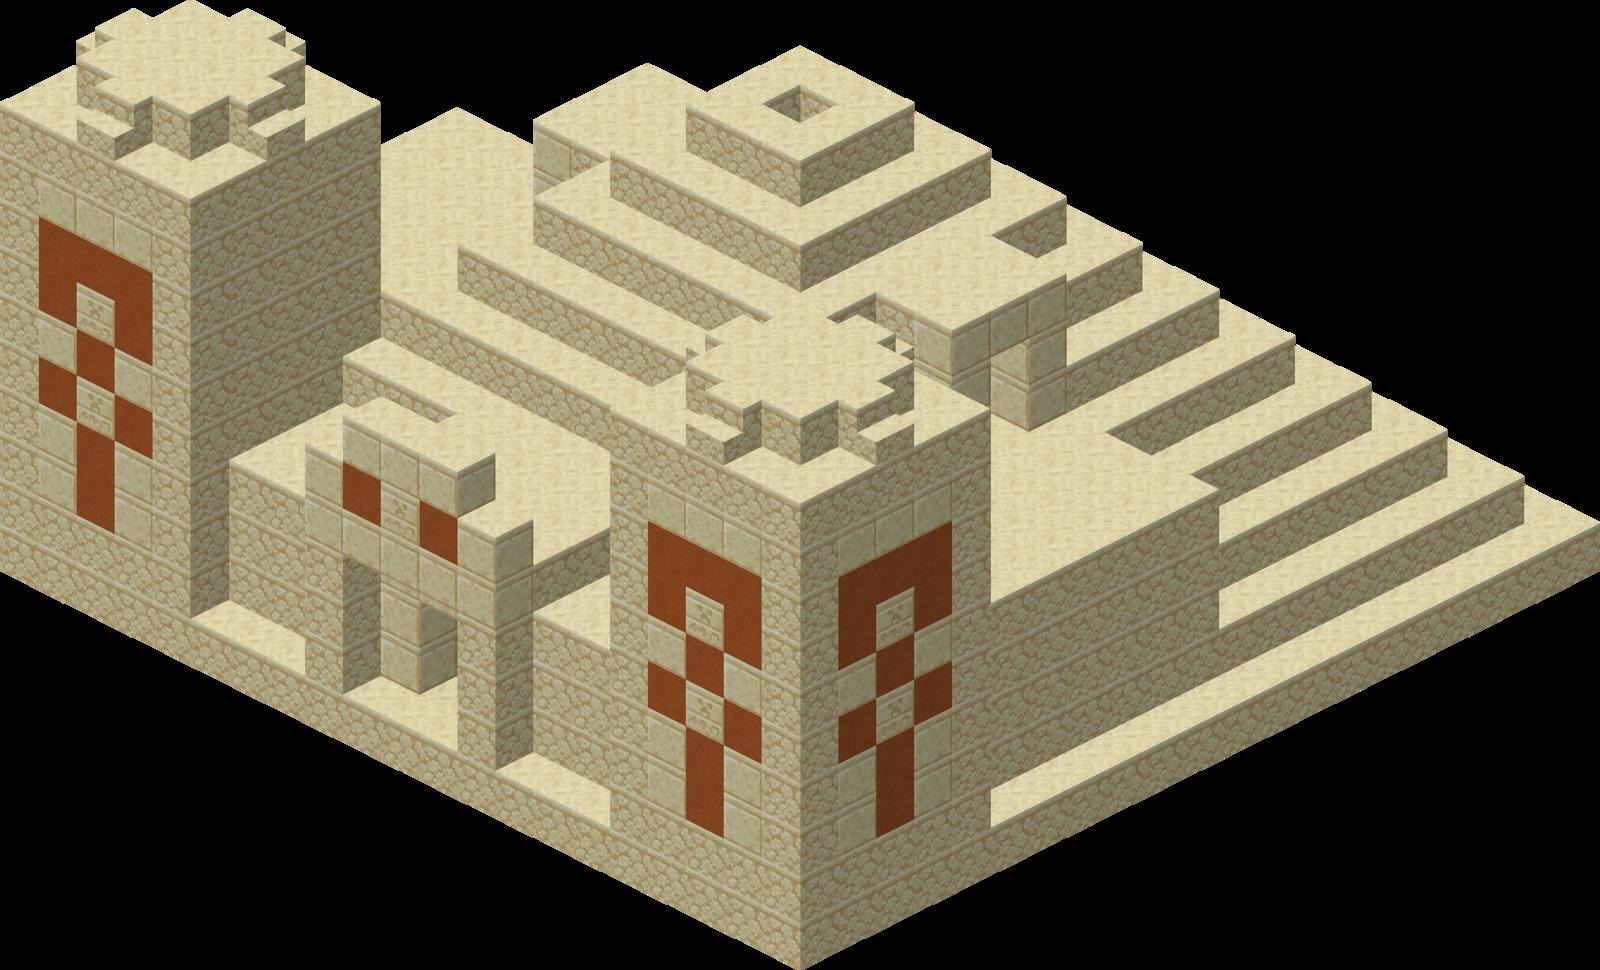 DesertTempleMinecraft